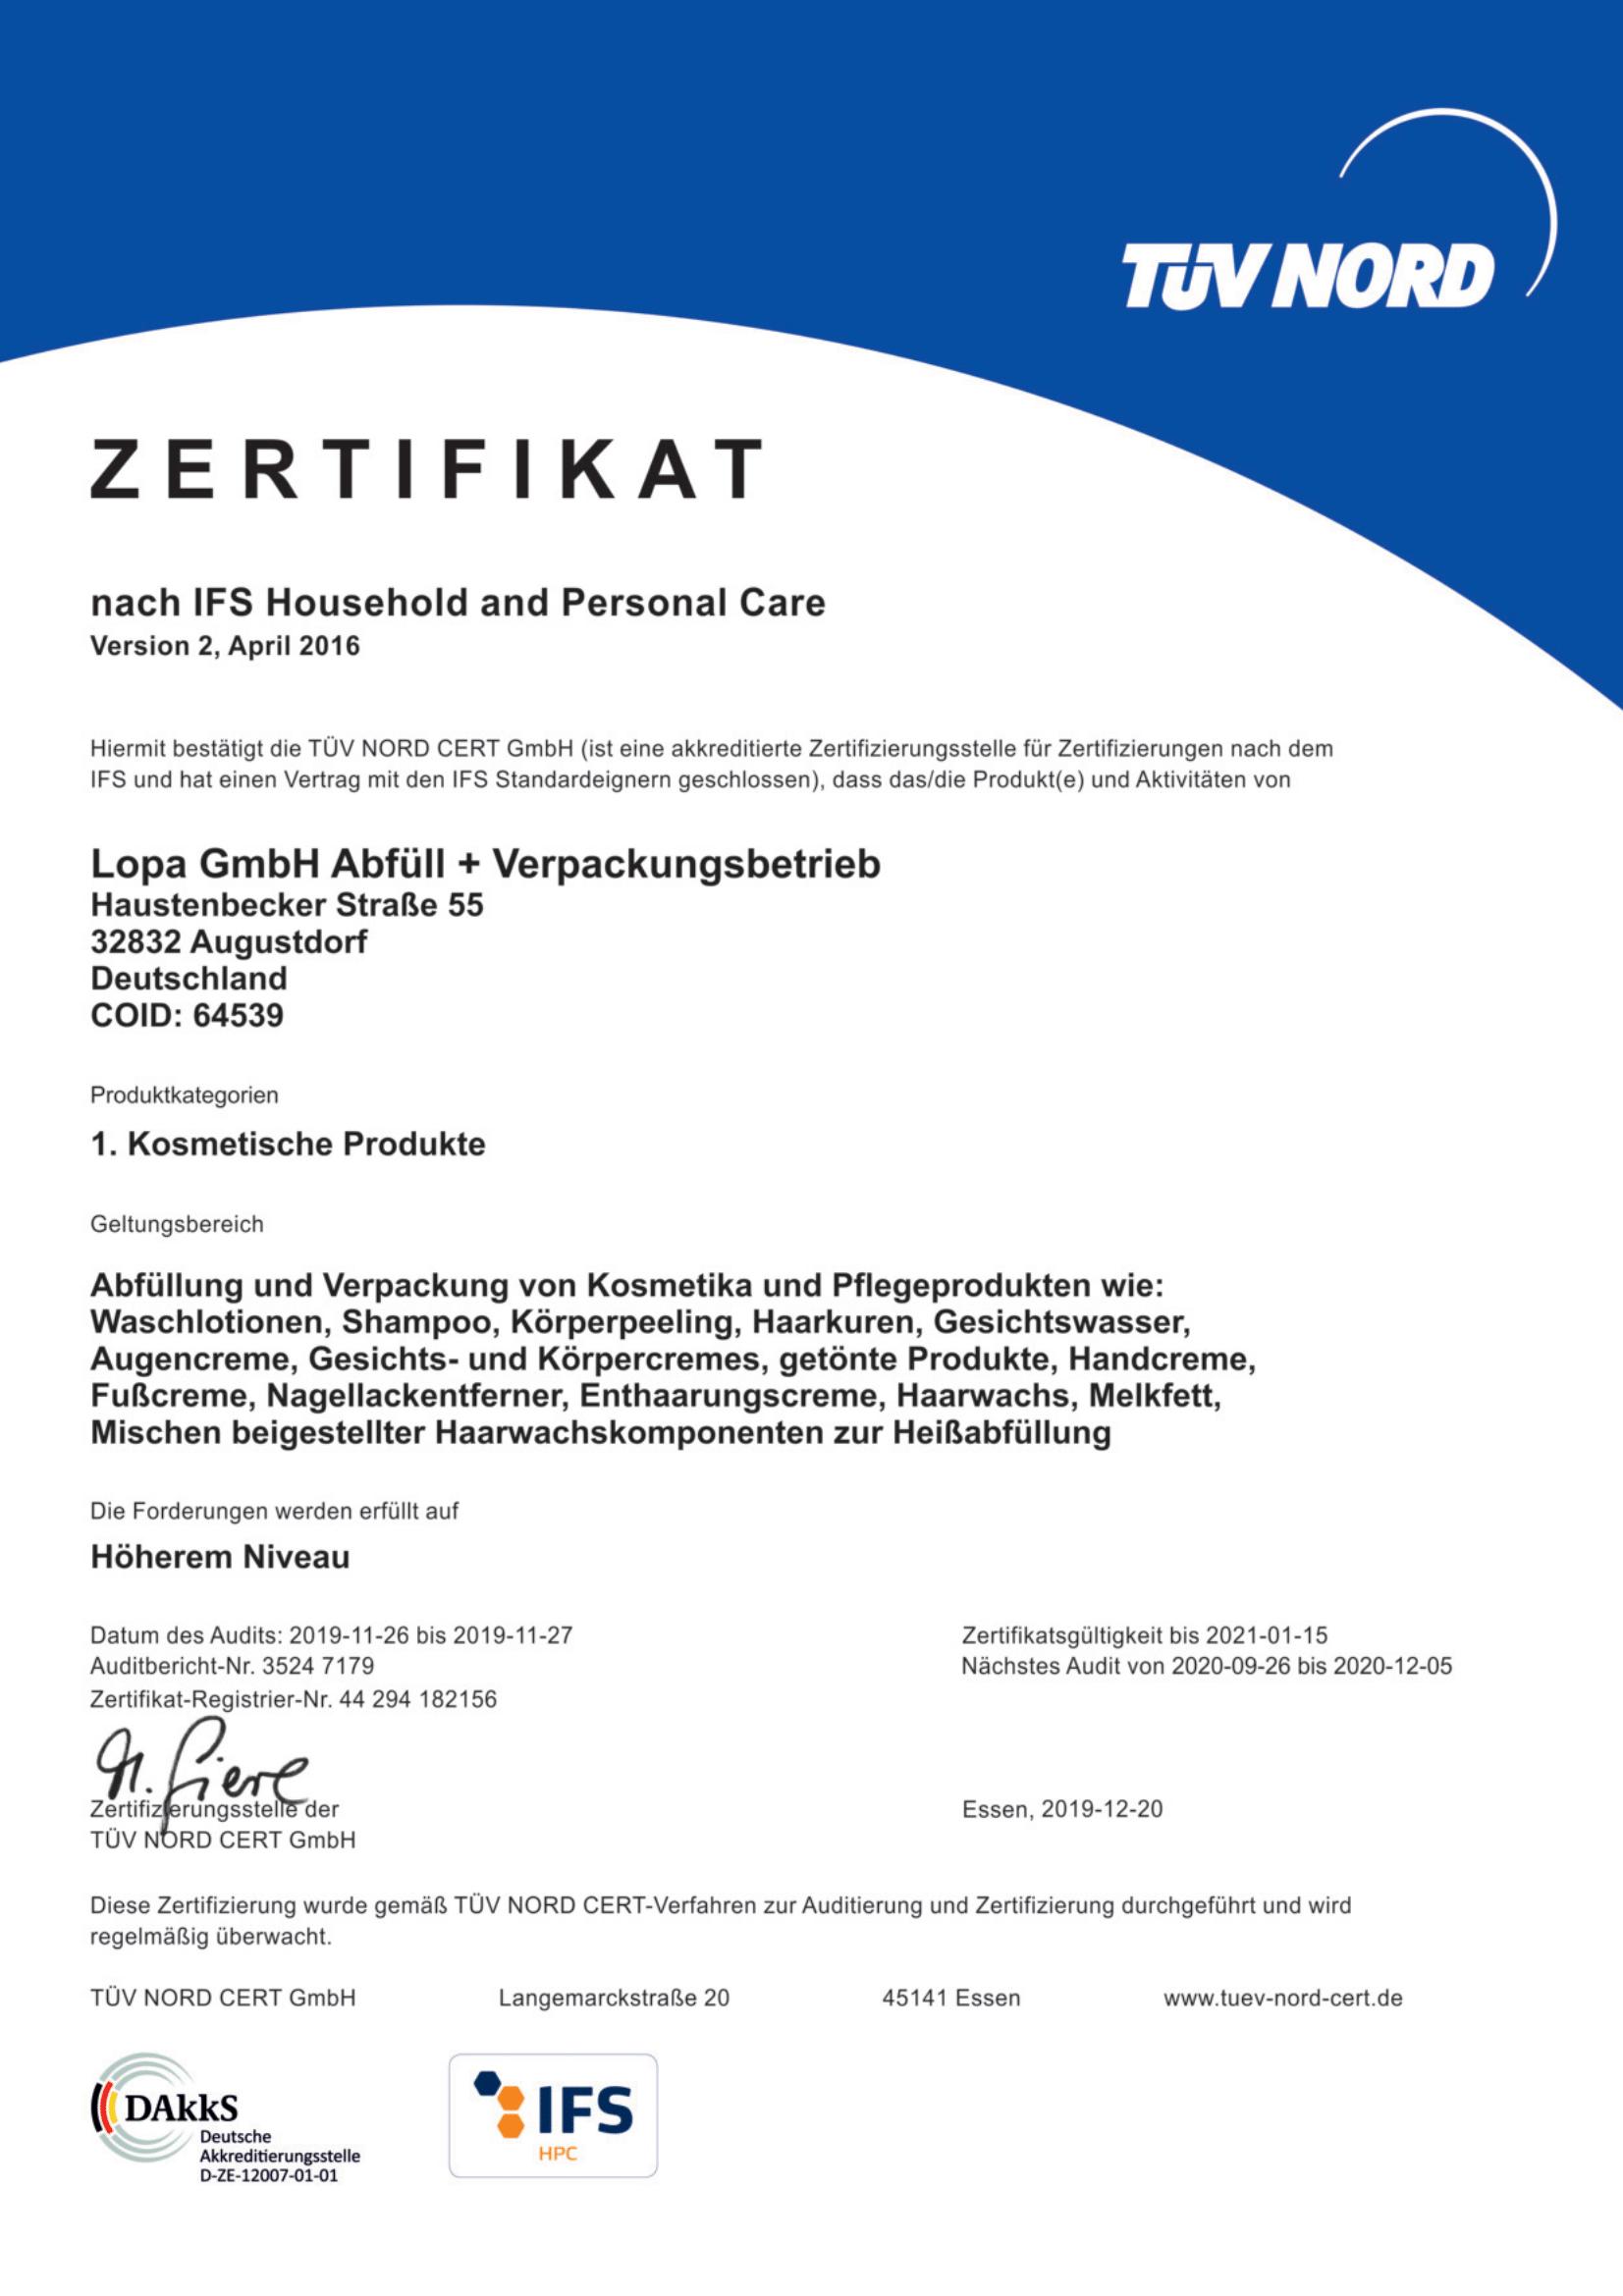 LOPA GmbH Zertifikat TÜV NORD